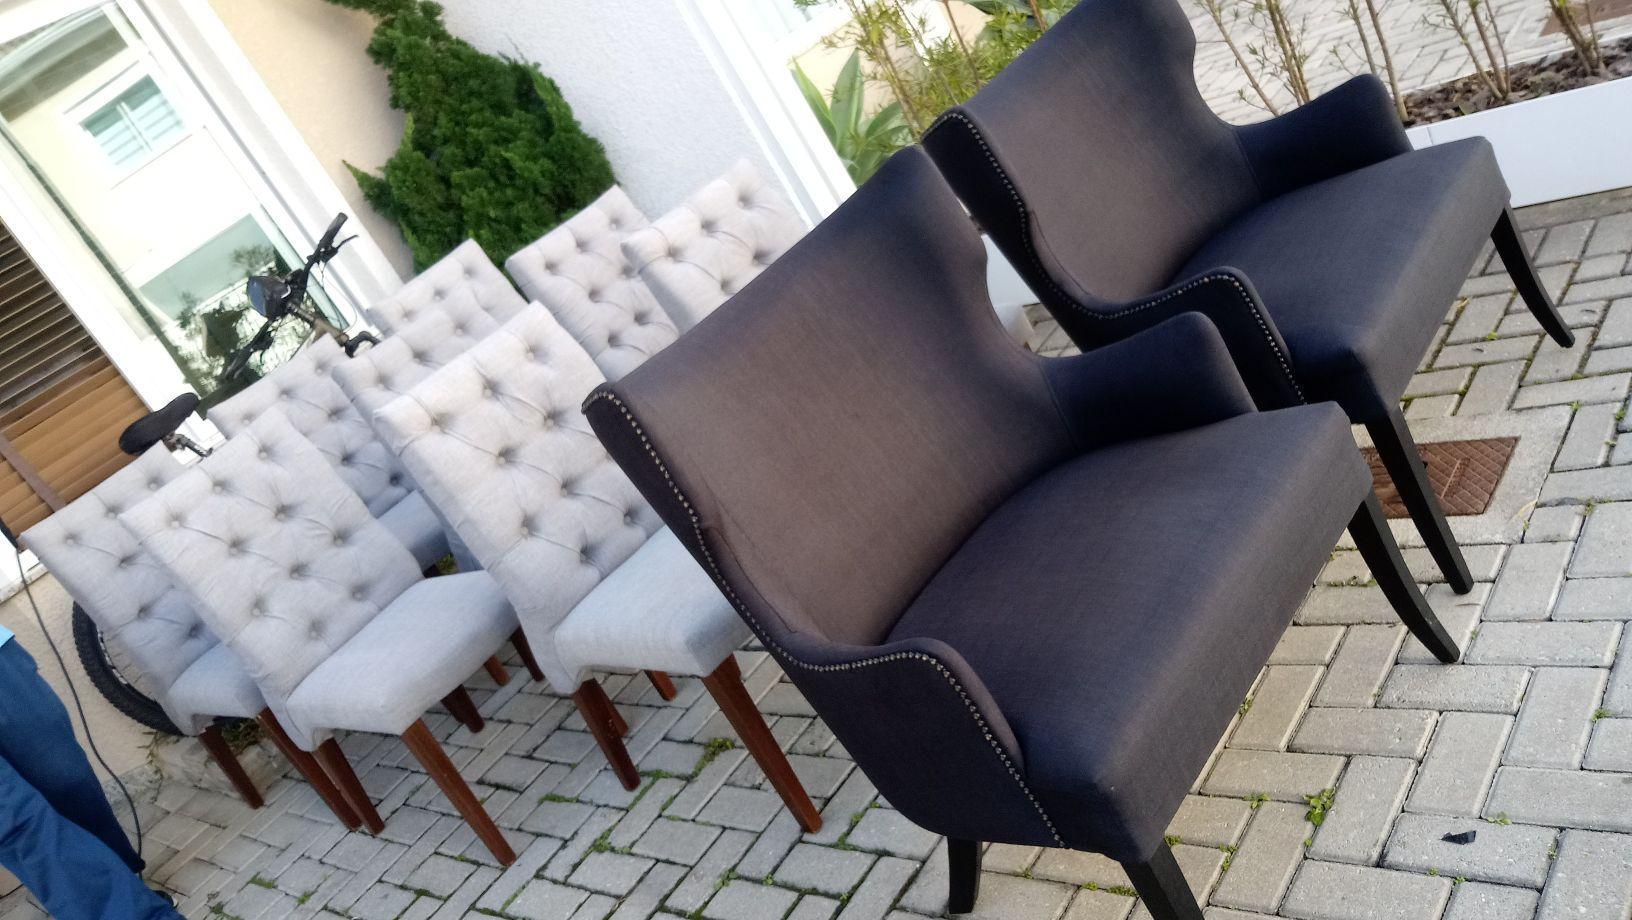 cadeiras e poltronas higienizadas